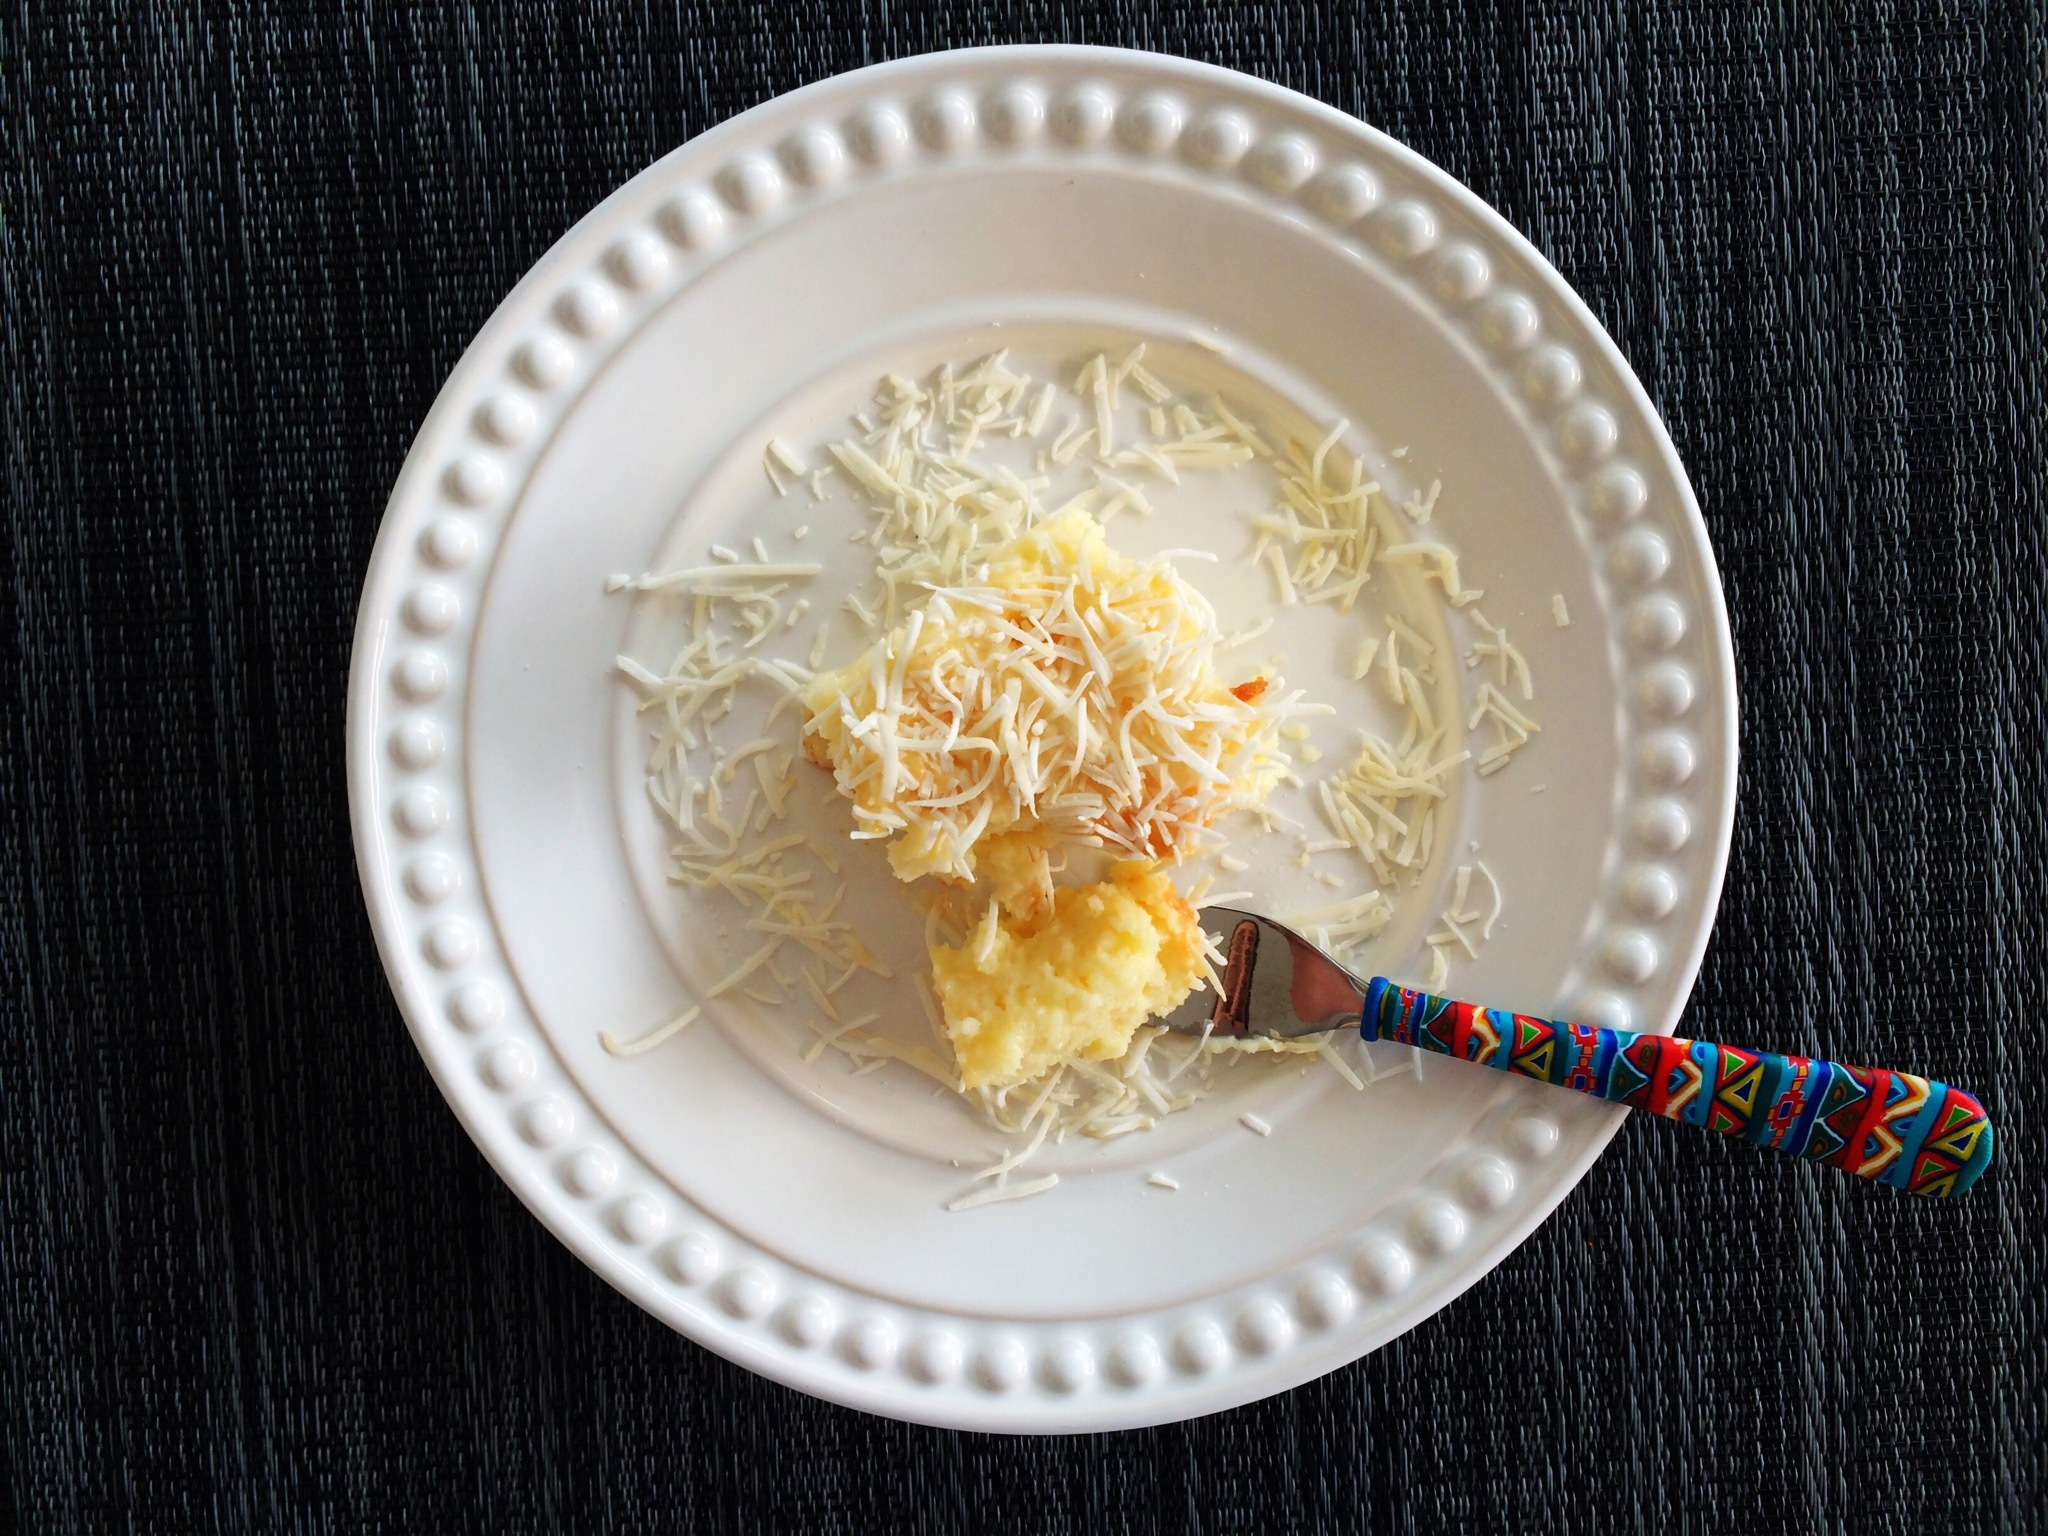 de bolo gelado feito com bolo pronto